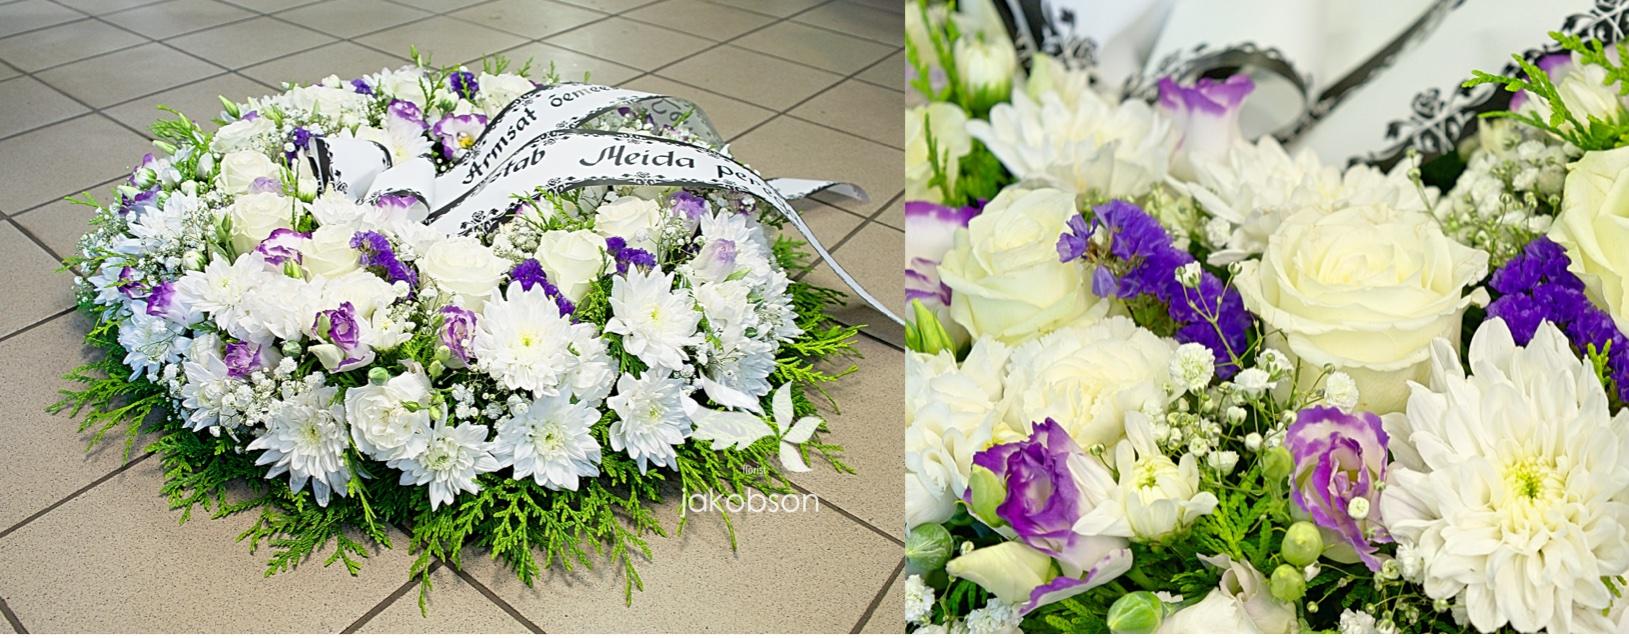 matuseparg67 - Matusepärg täislilledest